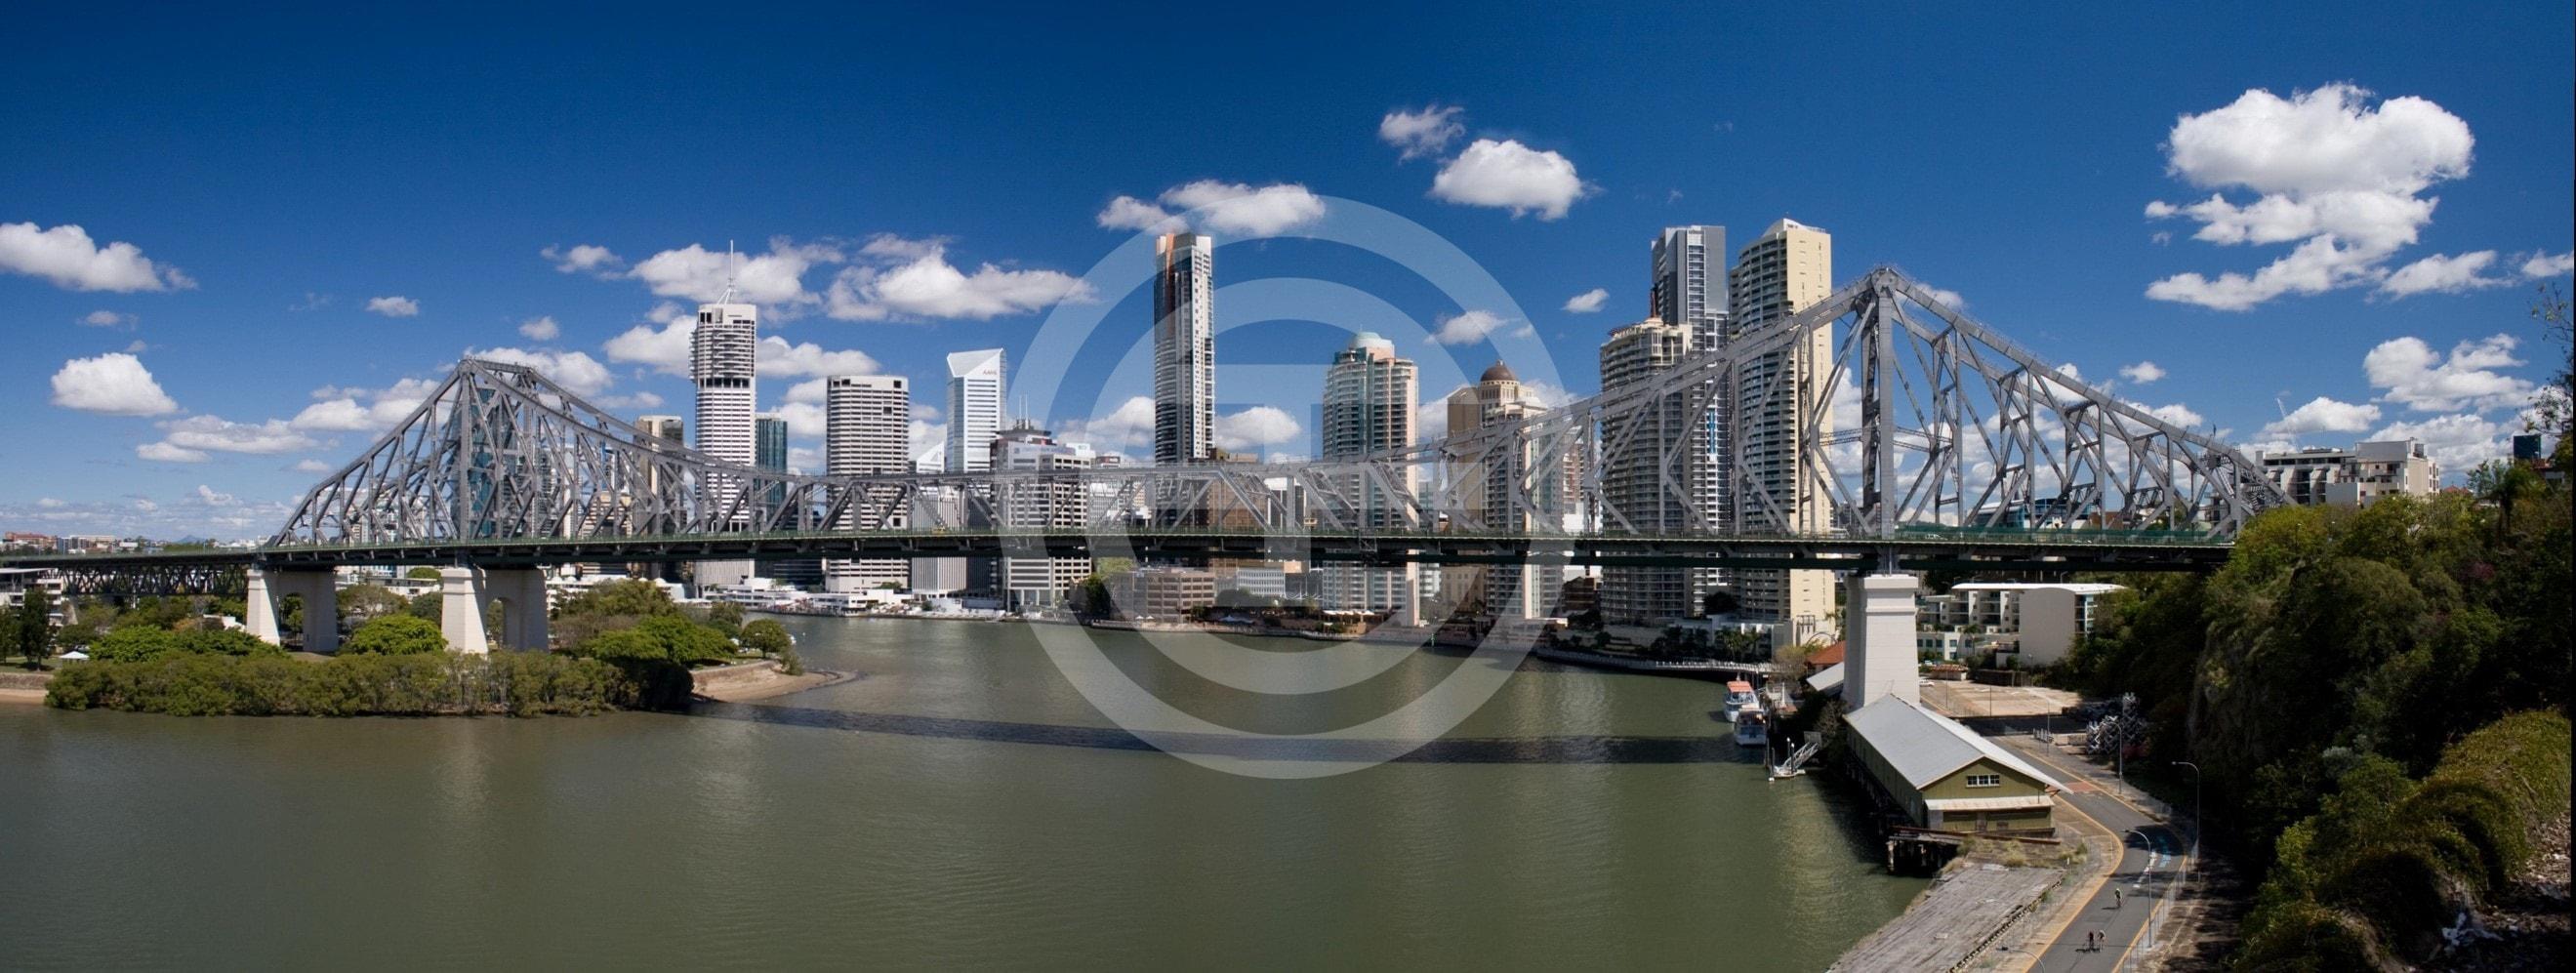 凯恩斯是一个充满活力的热带城市, 优越的地理位置使其成为了世界级的旅游和商业枢纽